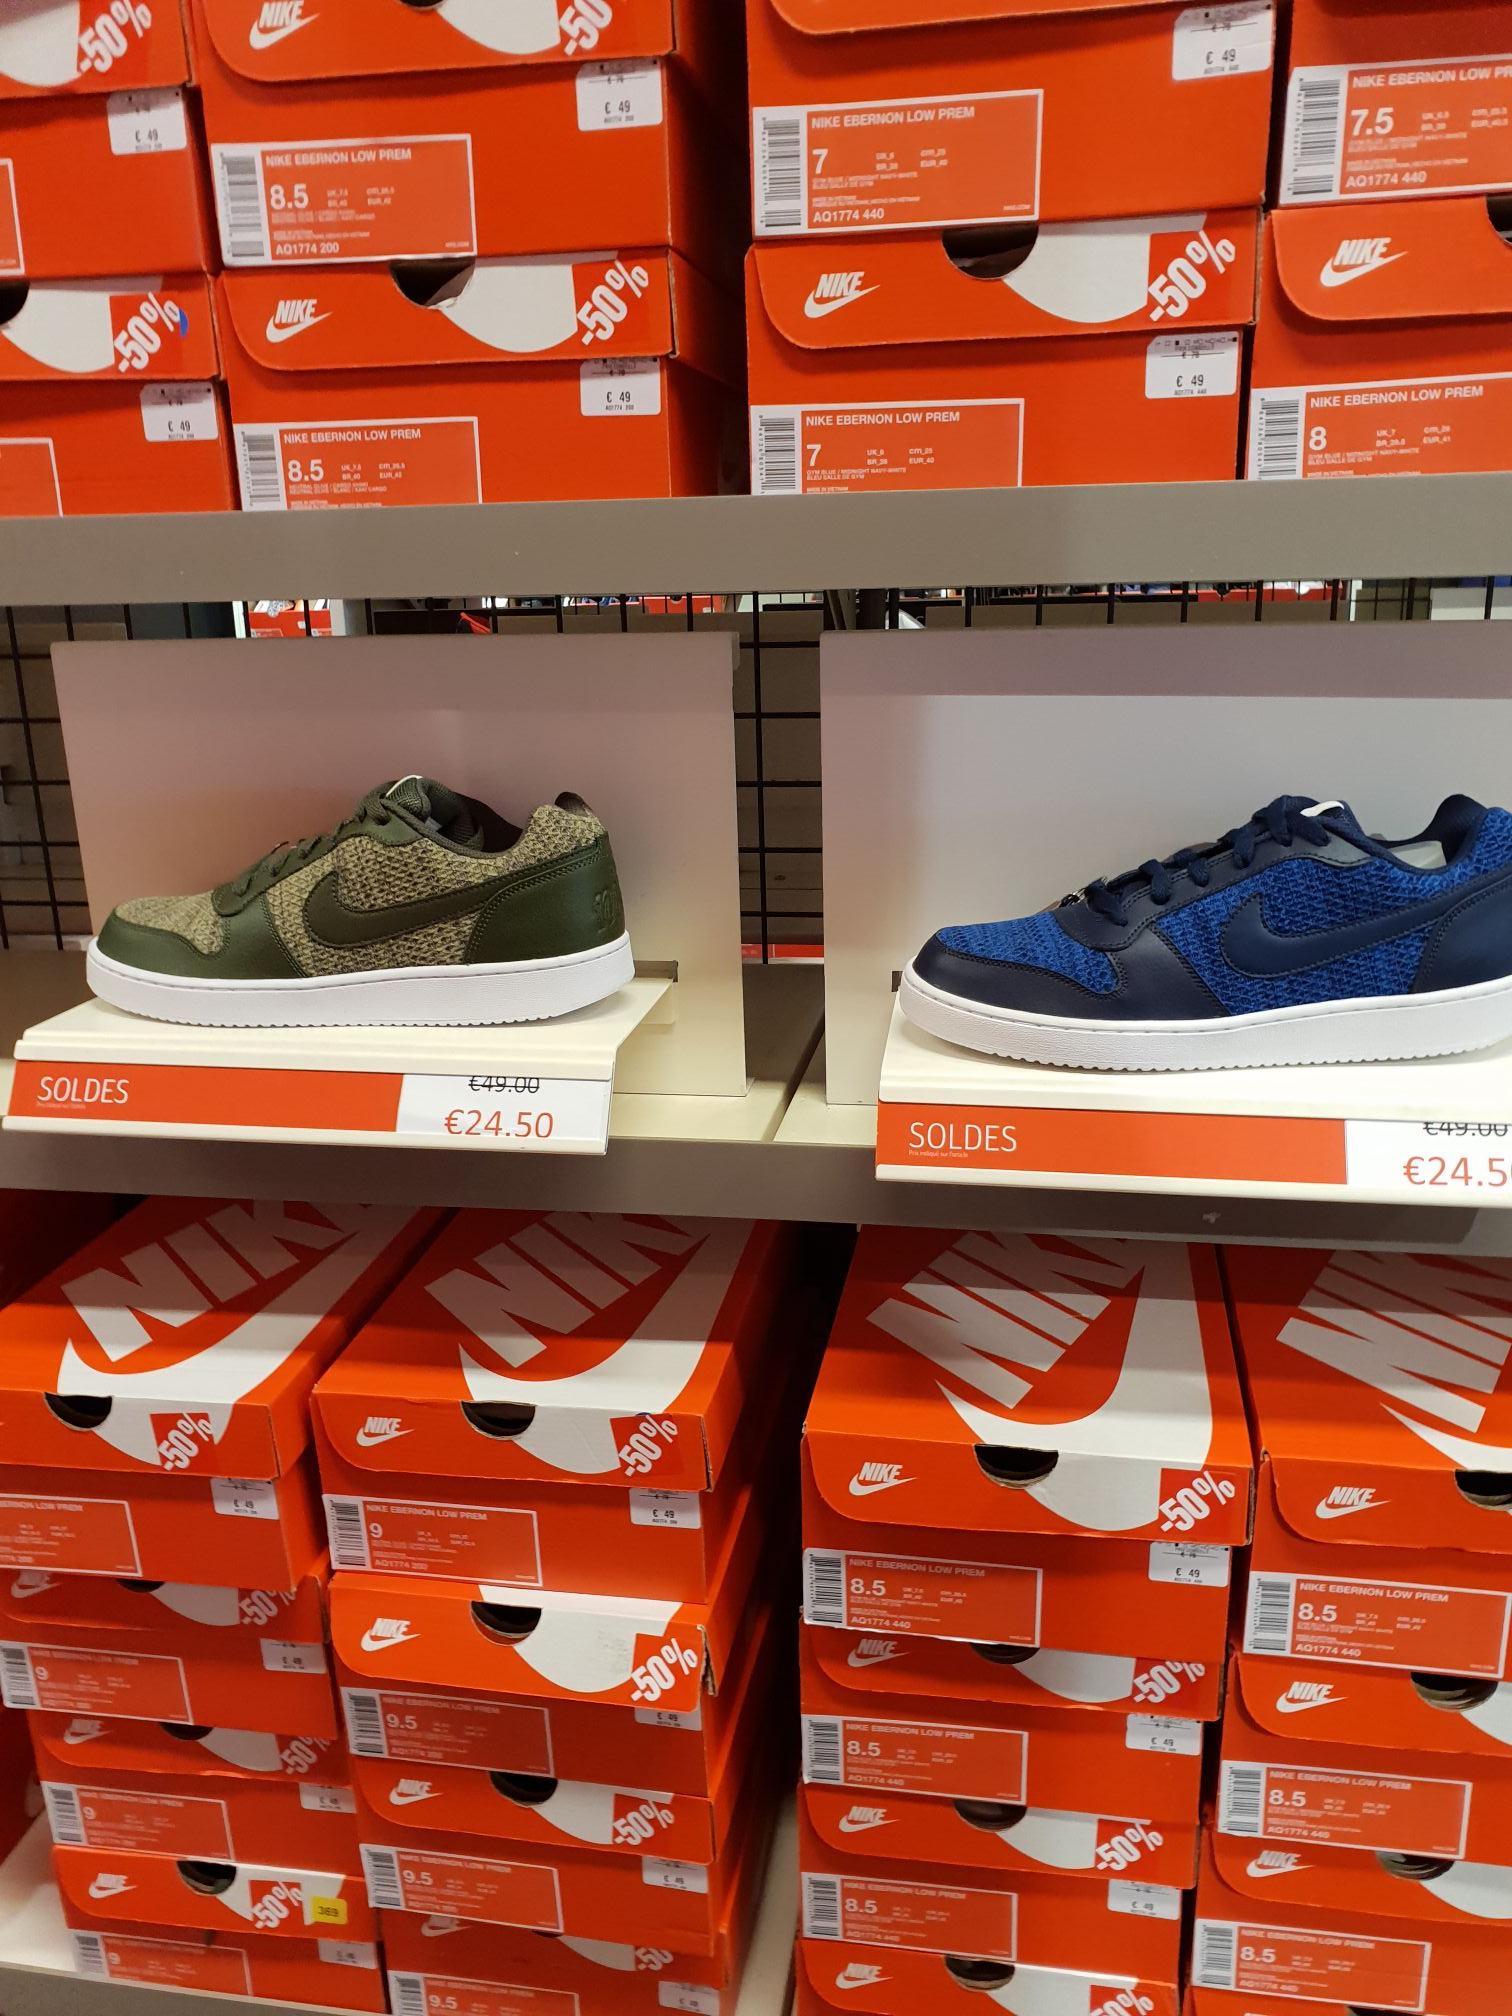 Sélection de Sneakers Nike en promotion (EX  Nike Ebernon Low) - Nike  Factory a2d9293a70b1